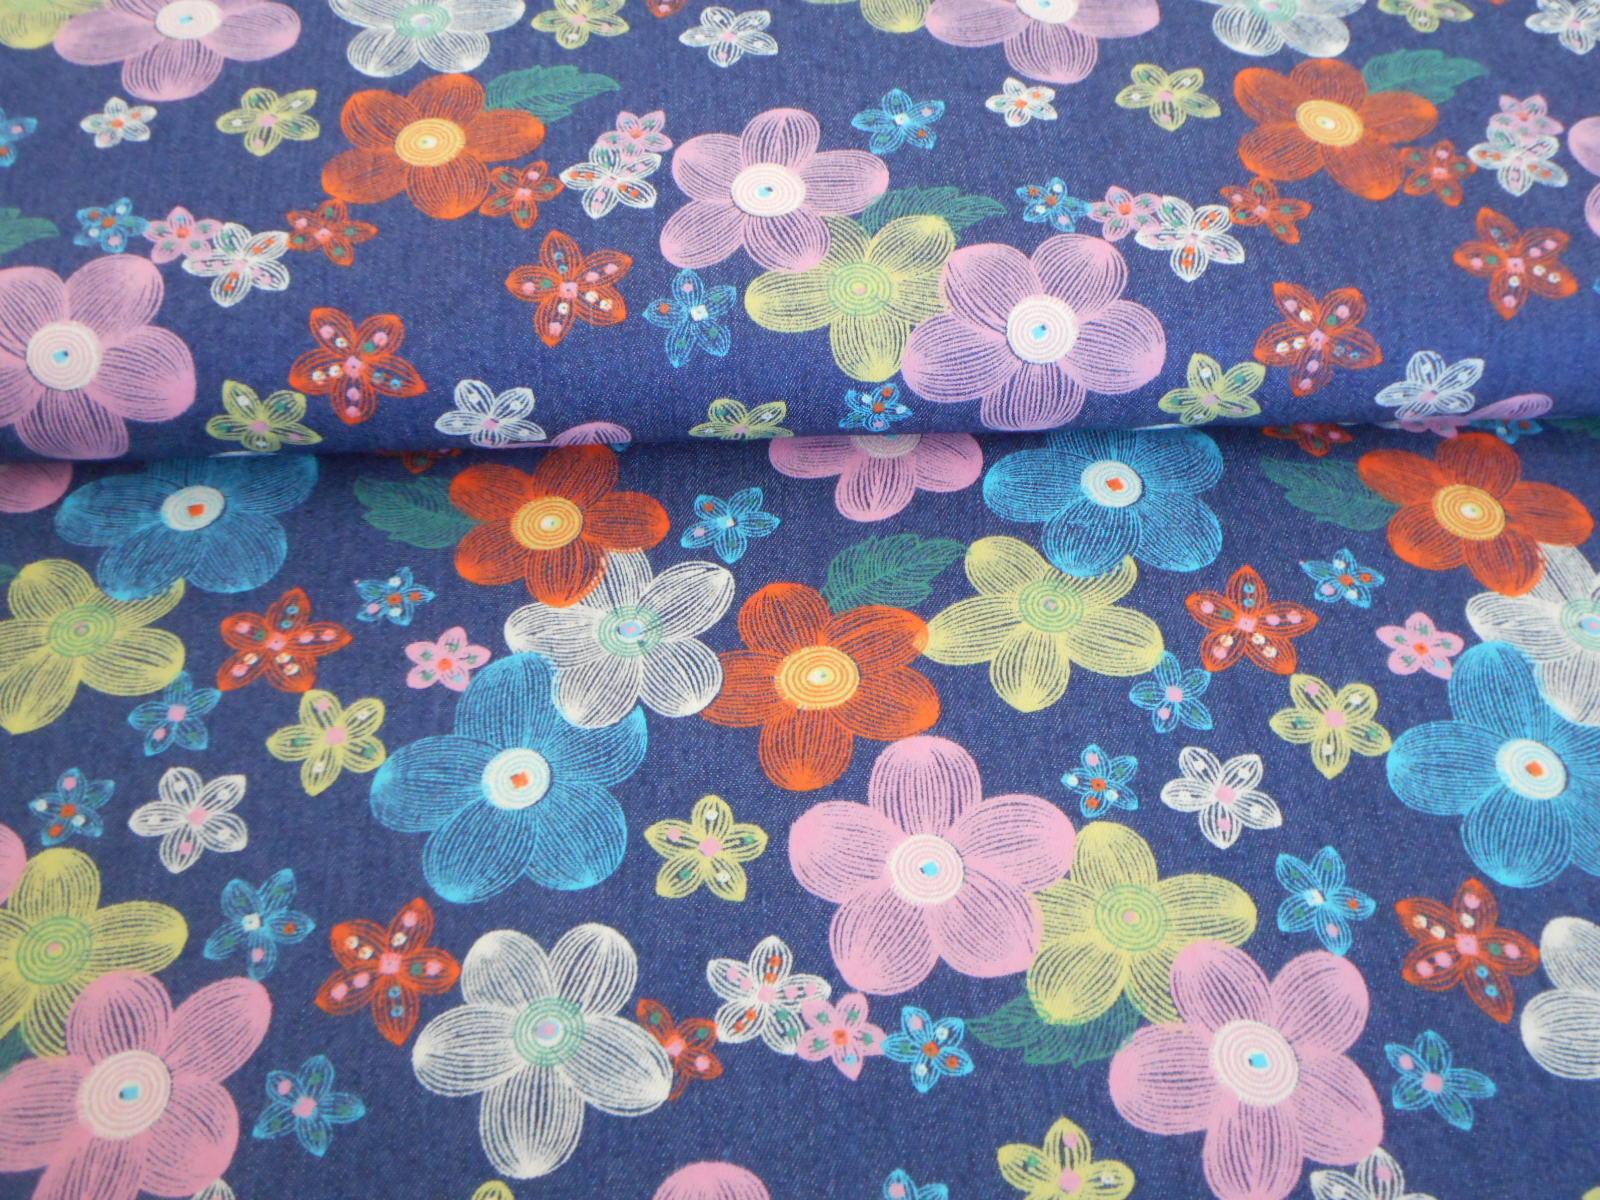 8742881726b0 Elast. riflovina - barevné kytičky   Zboží prodejce Kimi Hobby